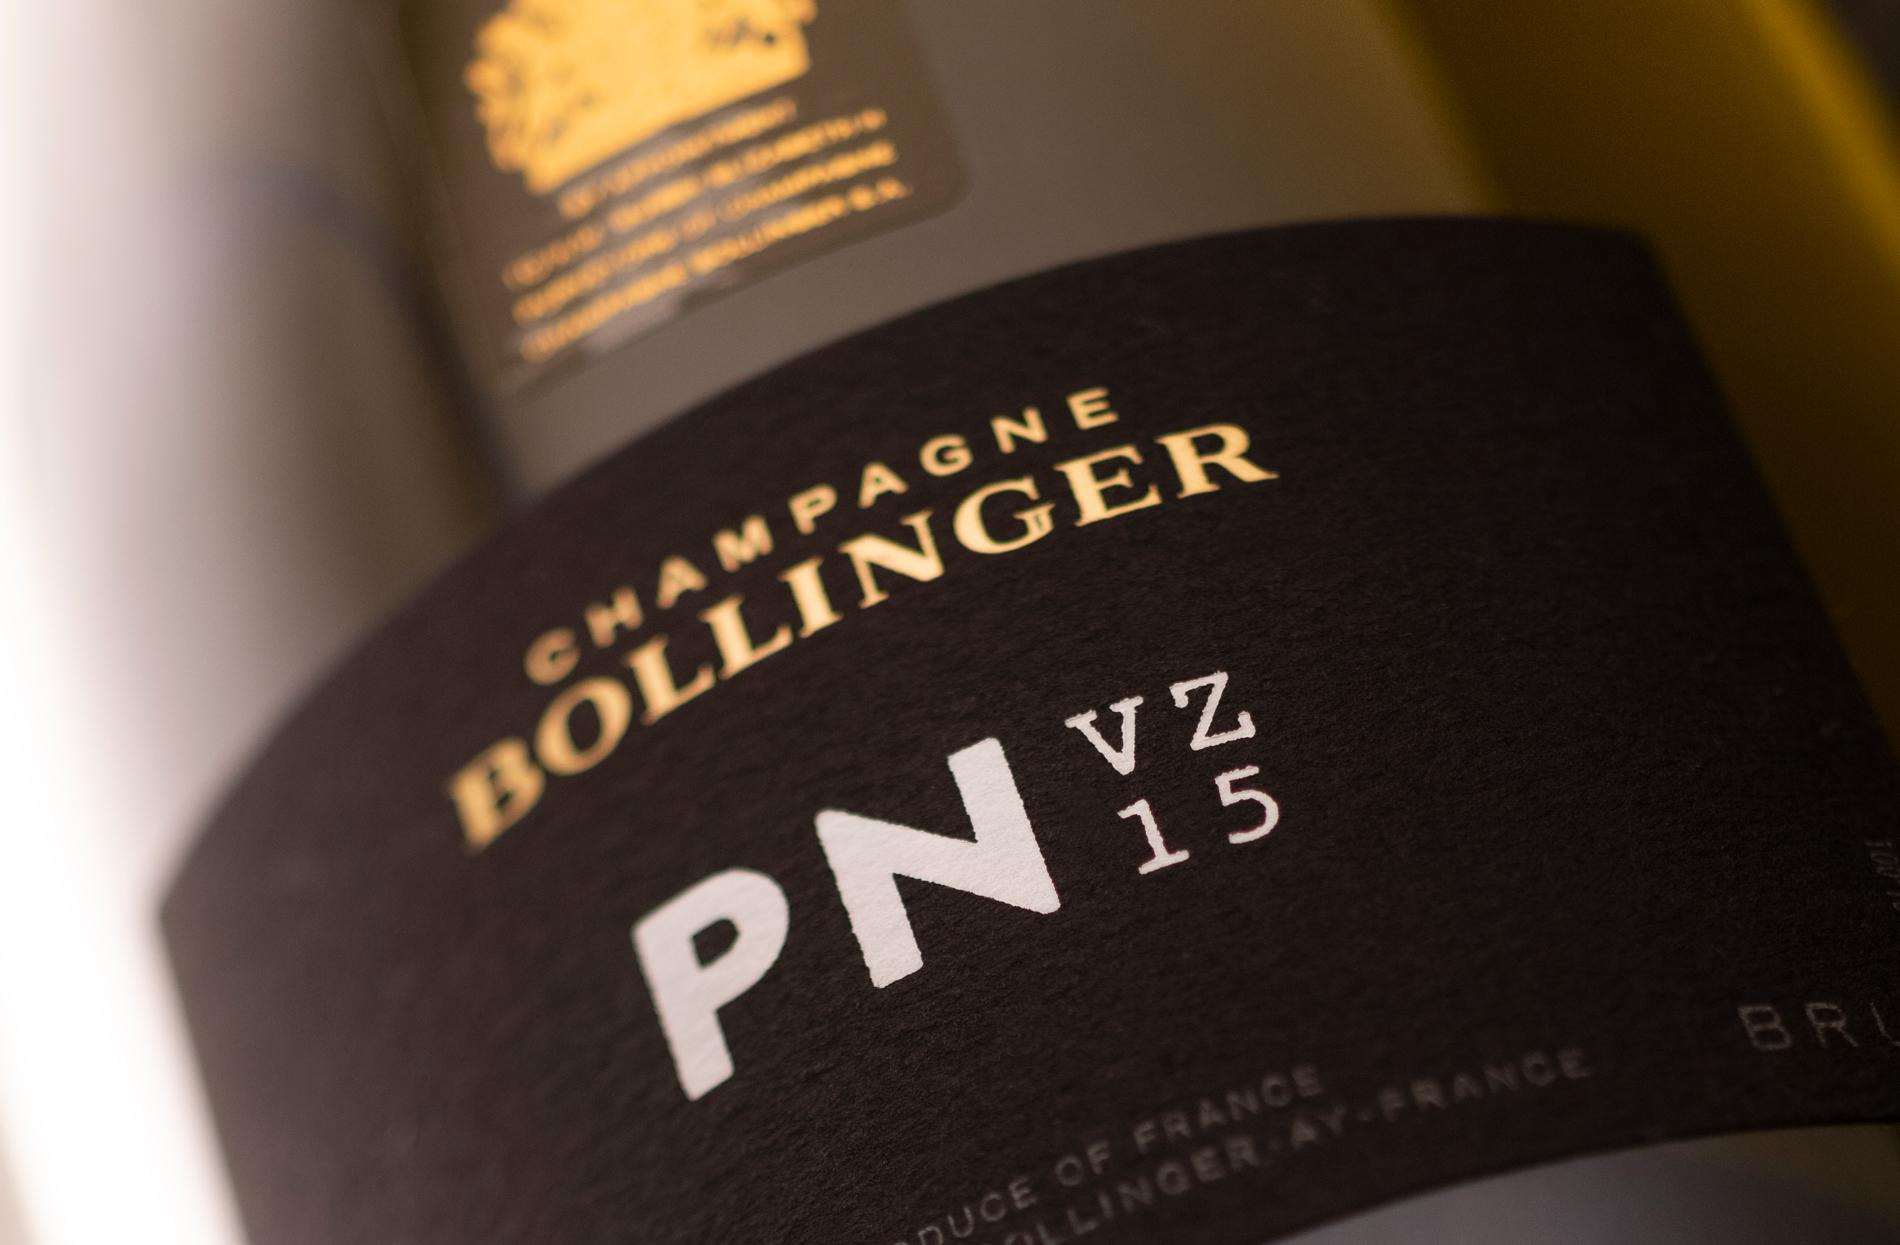 Vidéo] PN VZ 15, un petit frère du très rare Vieilles vignes françaises | En Magnum